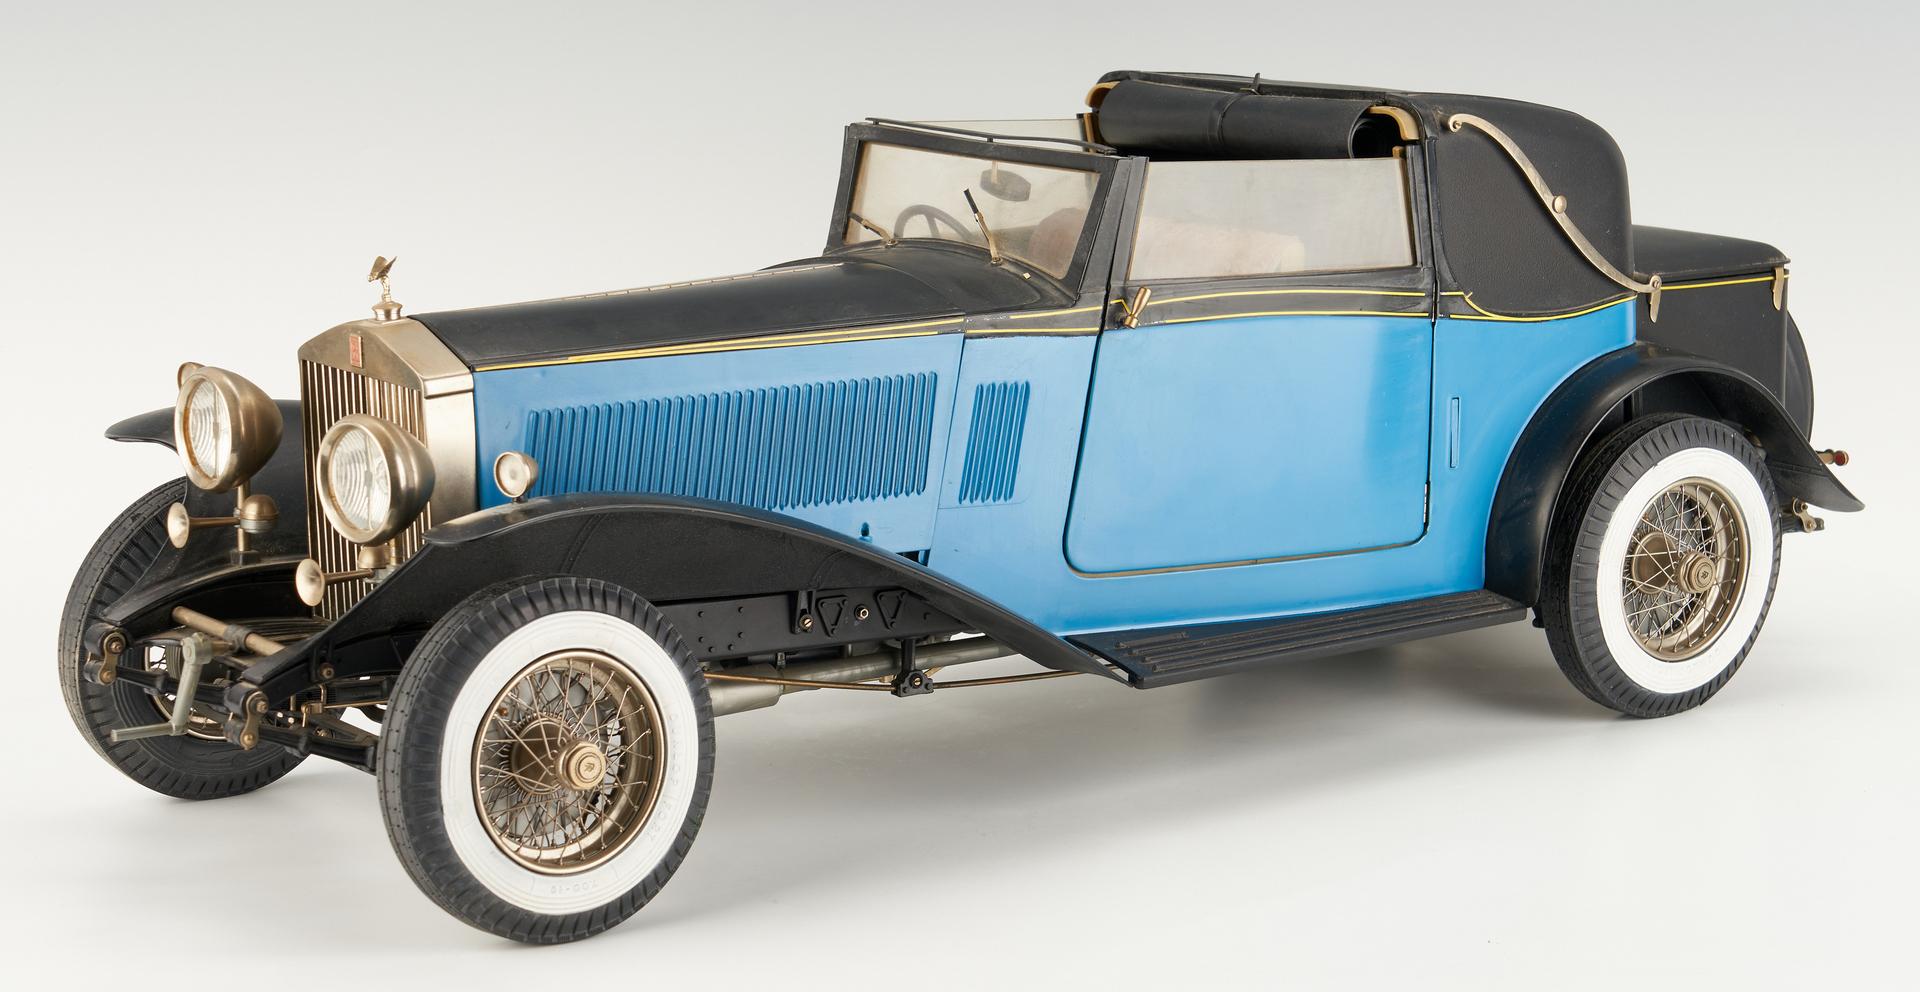 Lot 795: Pocher 1932 Rolls Royce Scale Model